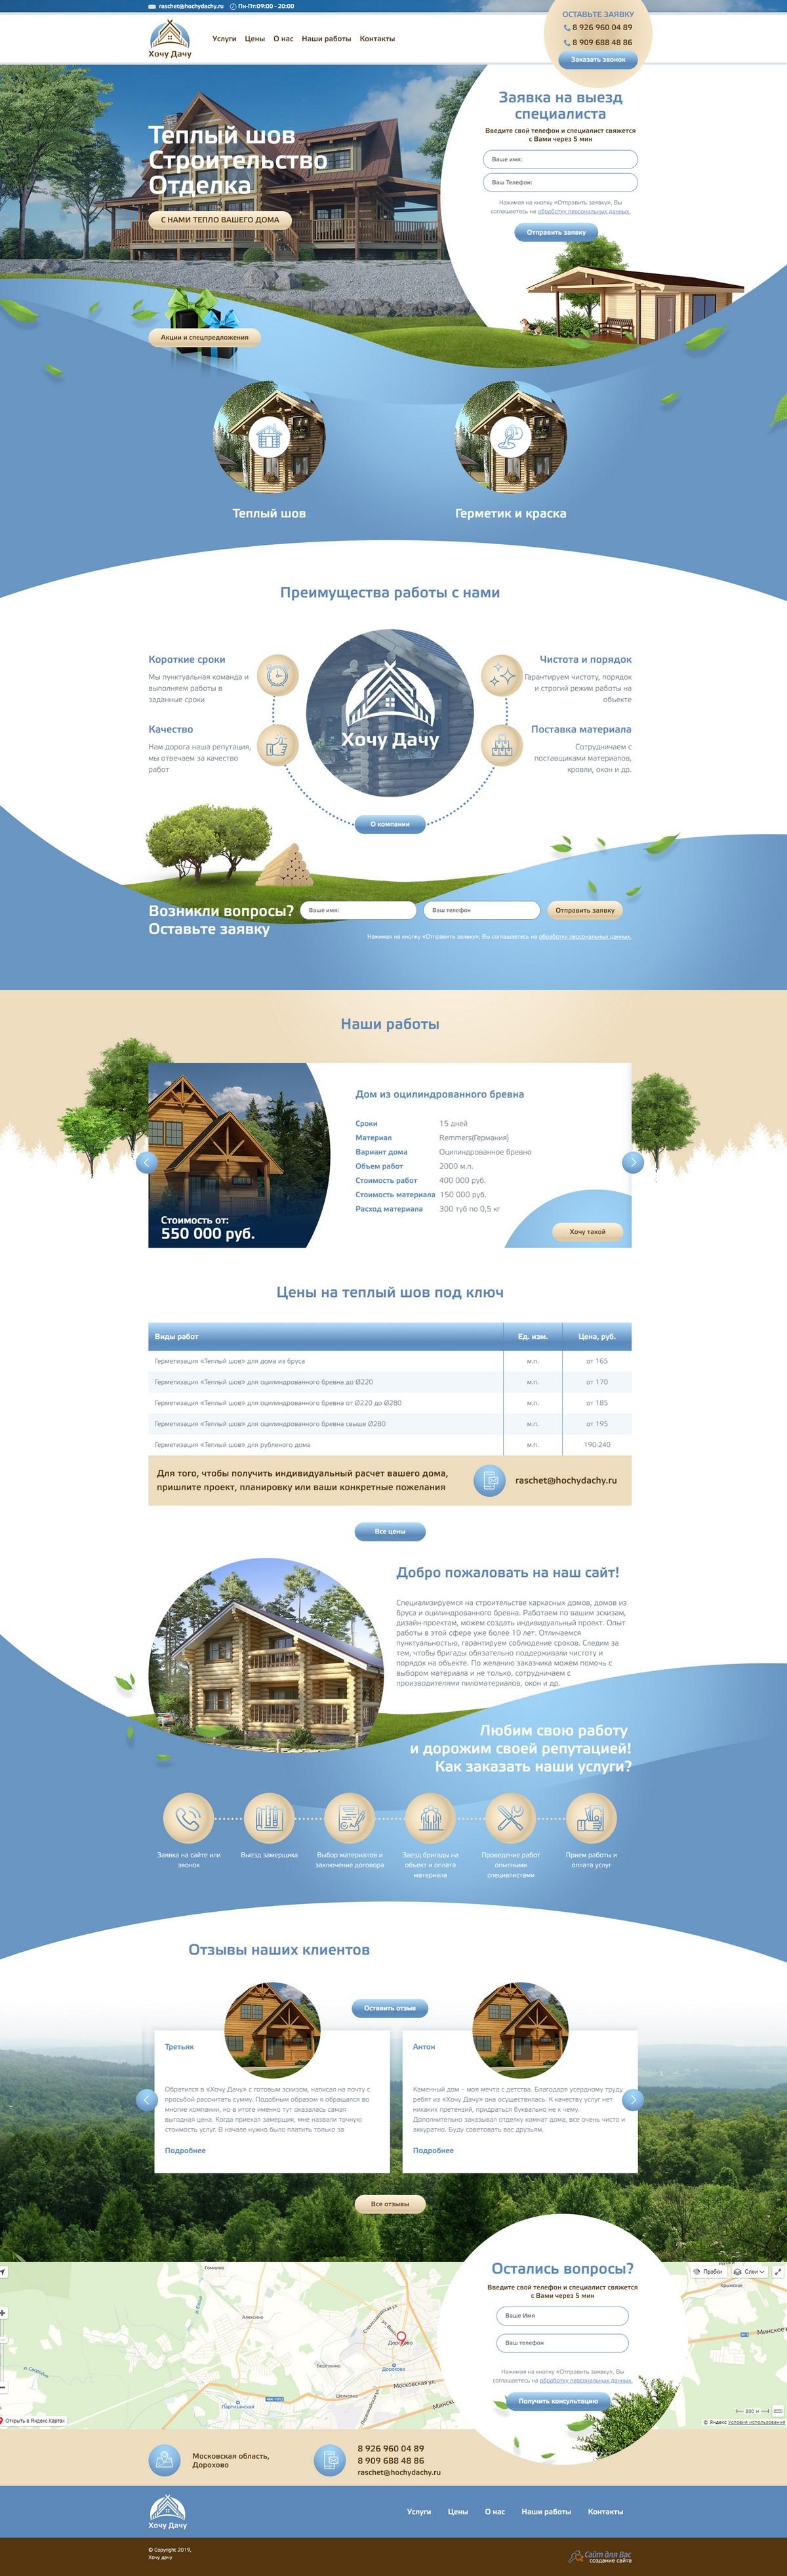 полноразмерный скриншот сайта